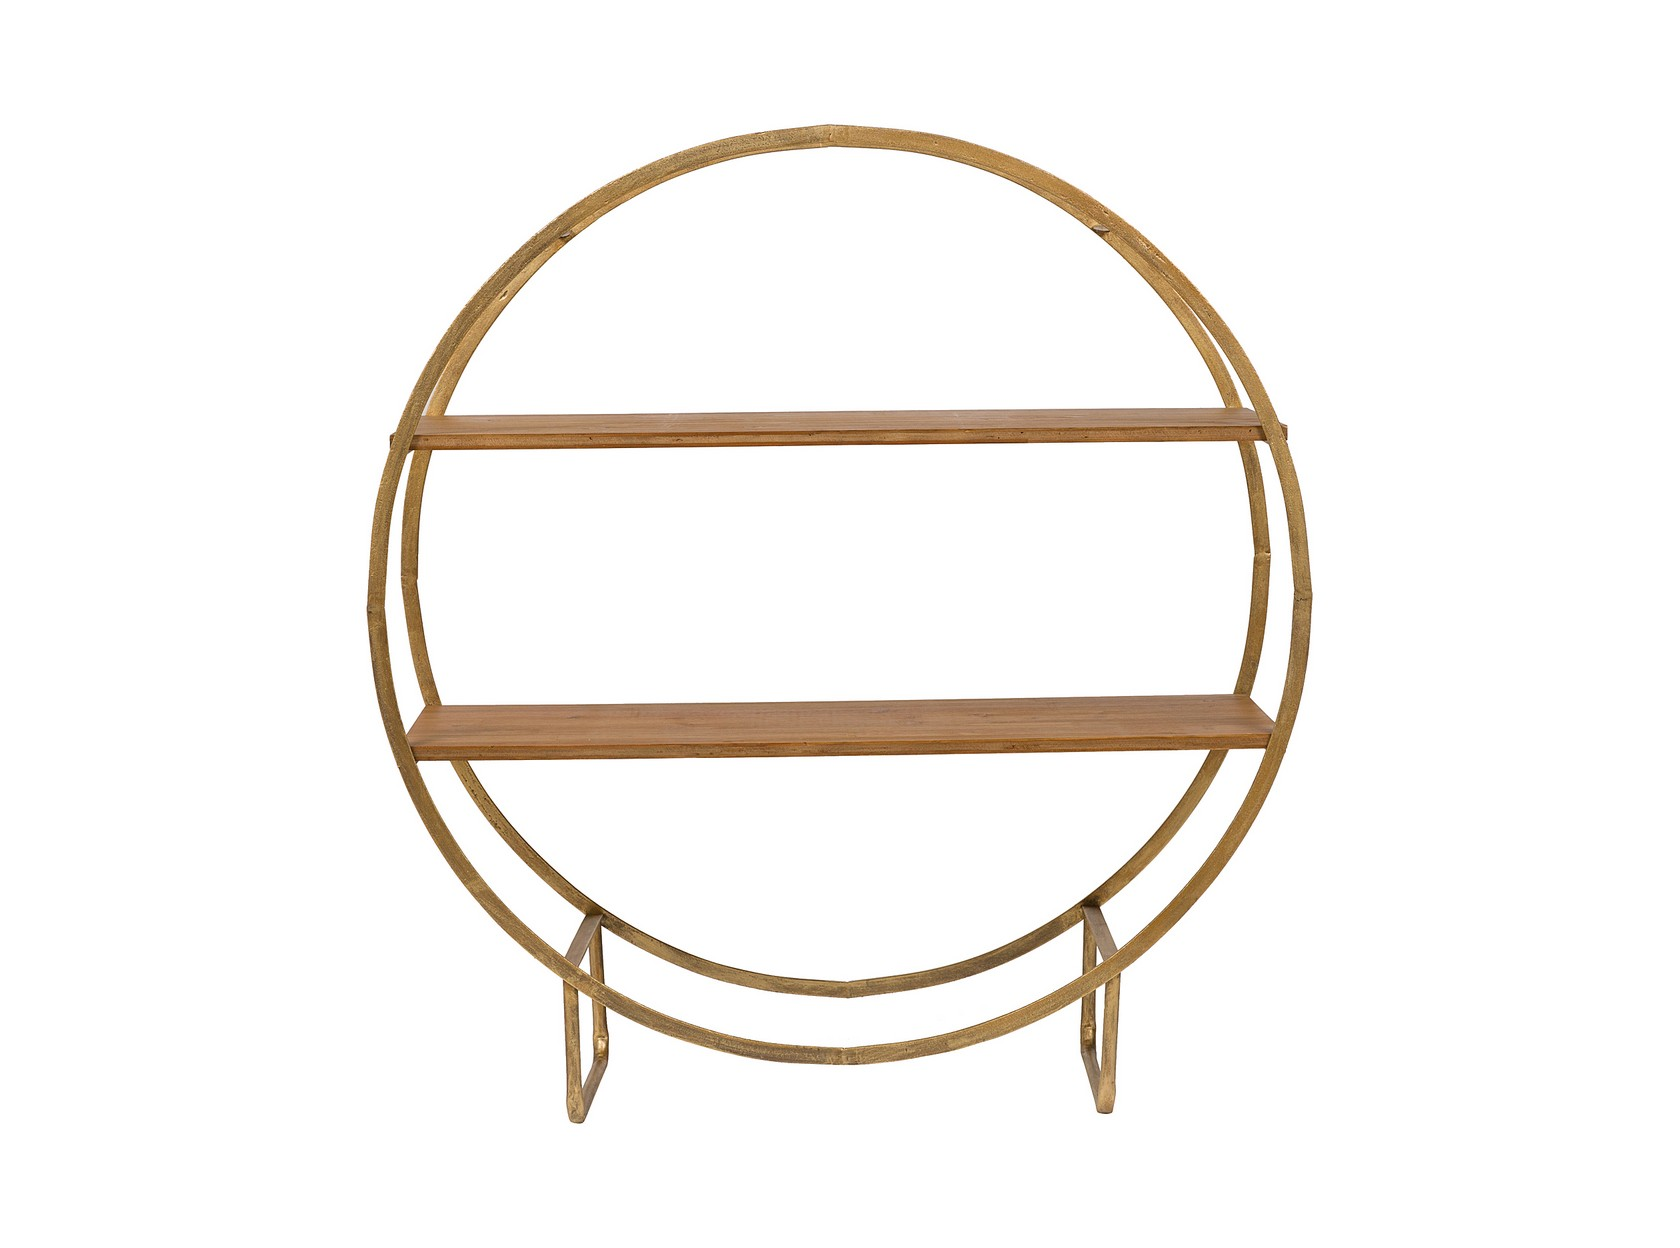 Мини-стеллаж SofiaПолки<br>Металлическая основа и две деревянные полки: этот мини-стеллаж задаст особое настроение кабинету или спальне.&amp;amp;nbsp;<br><br>Material: Металл<br>Width см: 101<br>Depth см: 35<br>Height см: 109